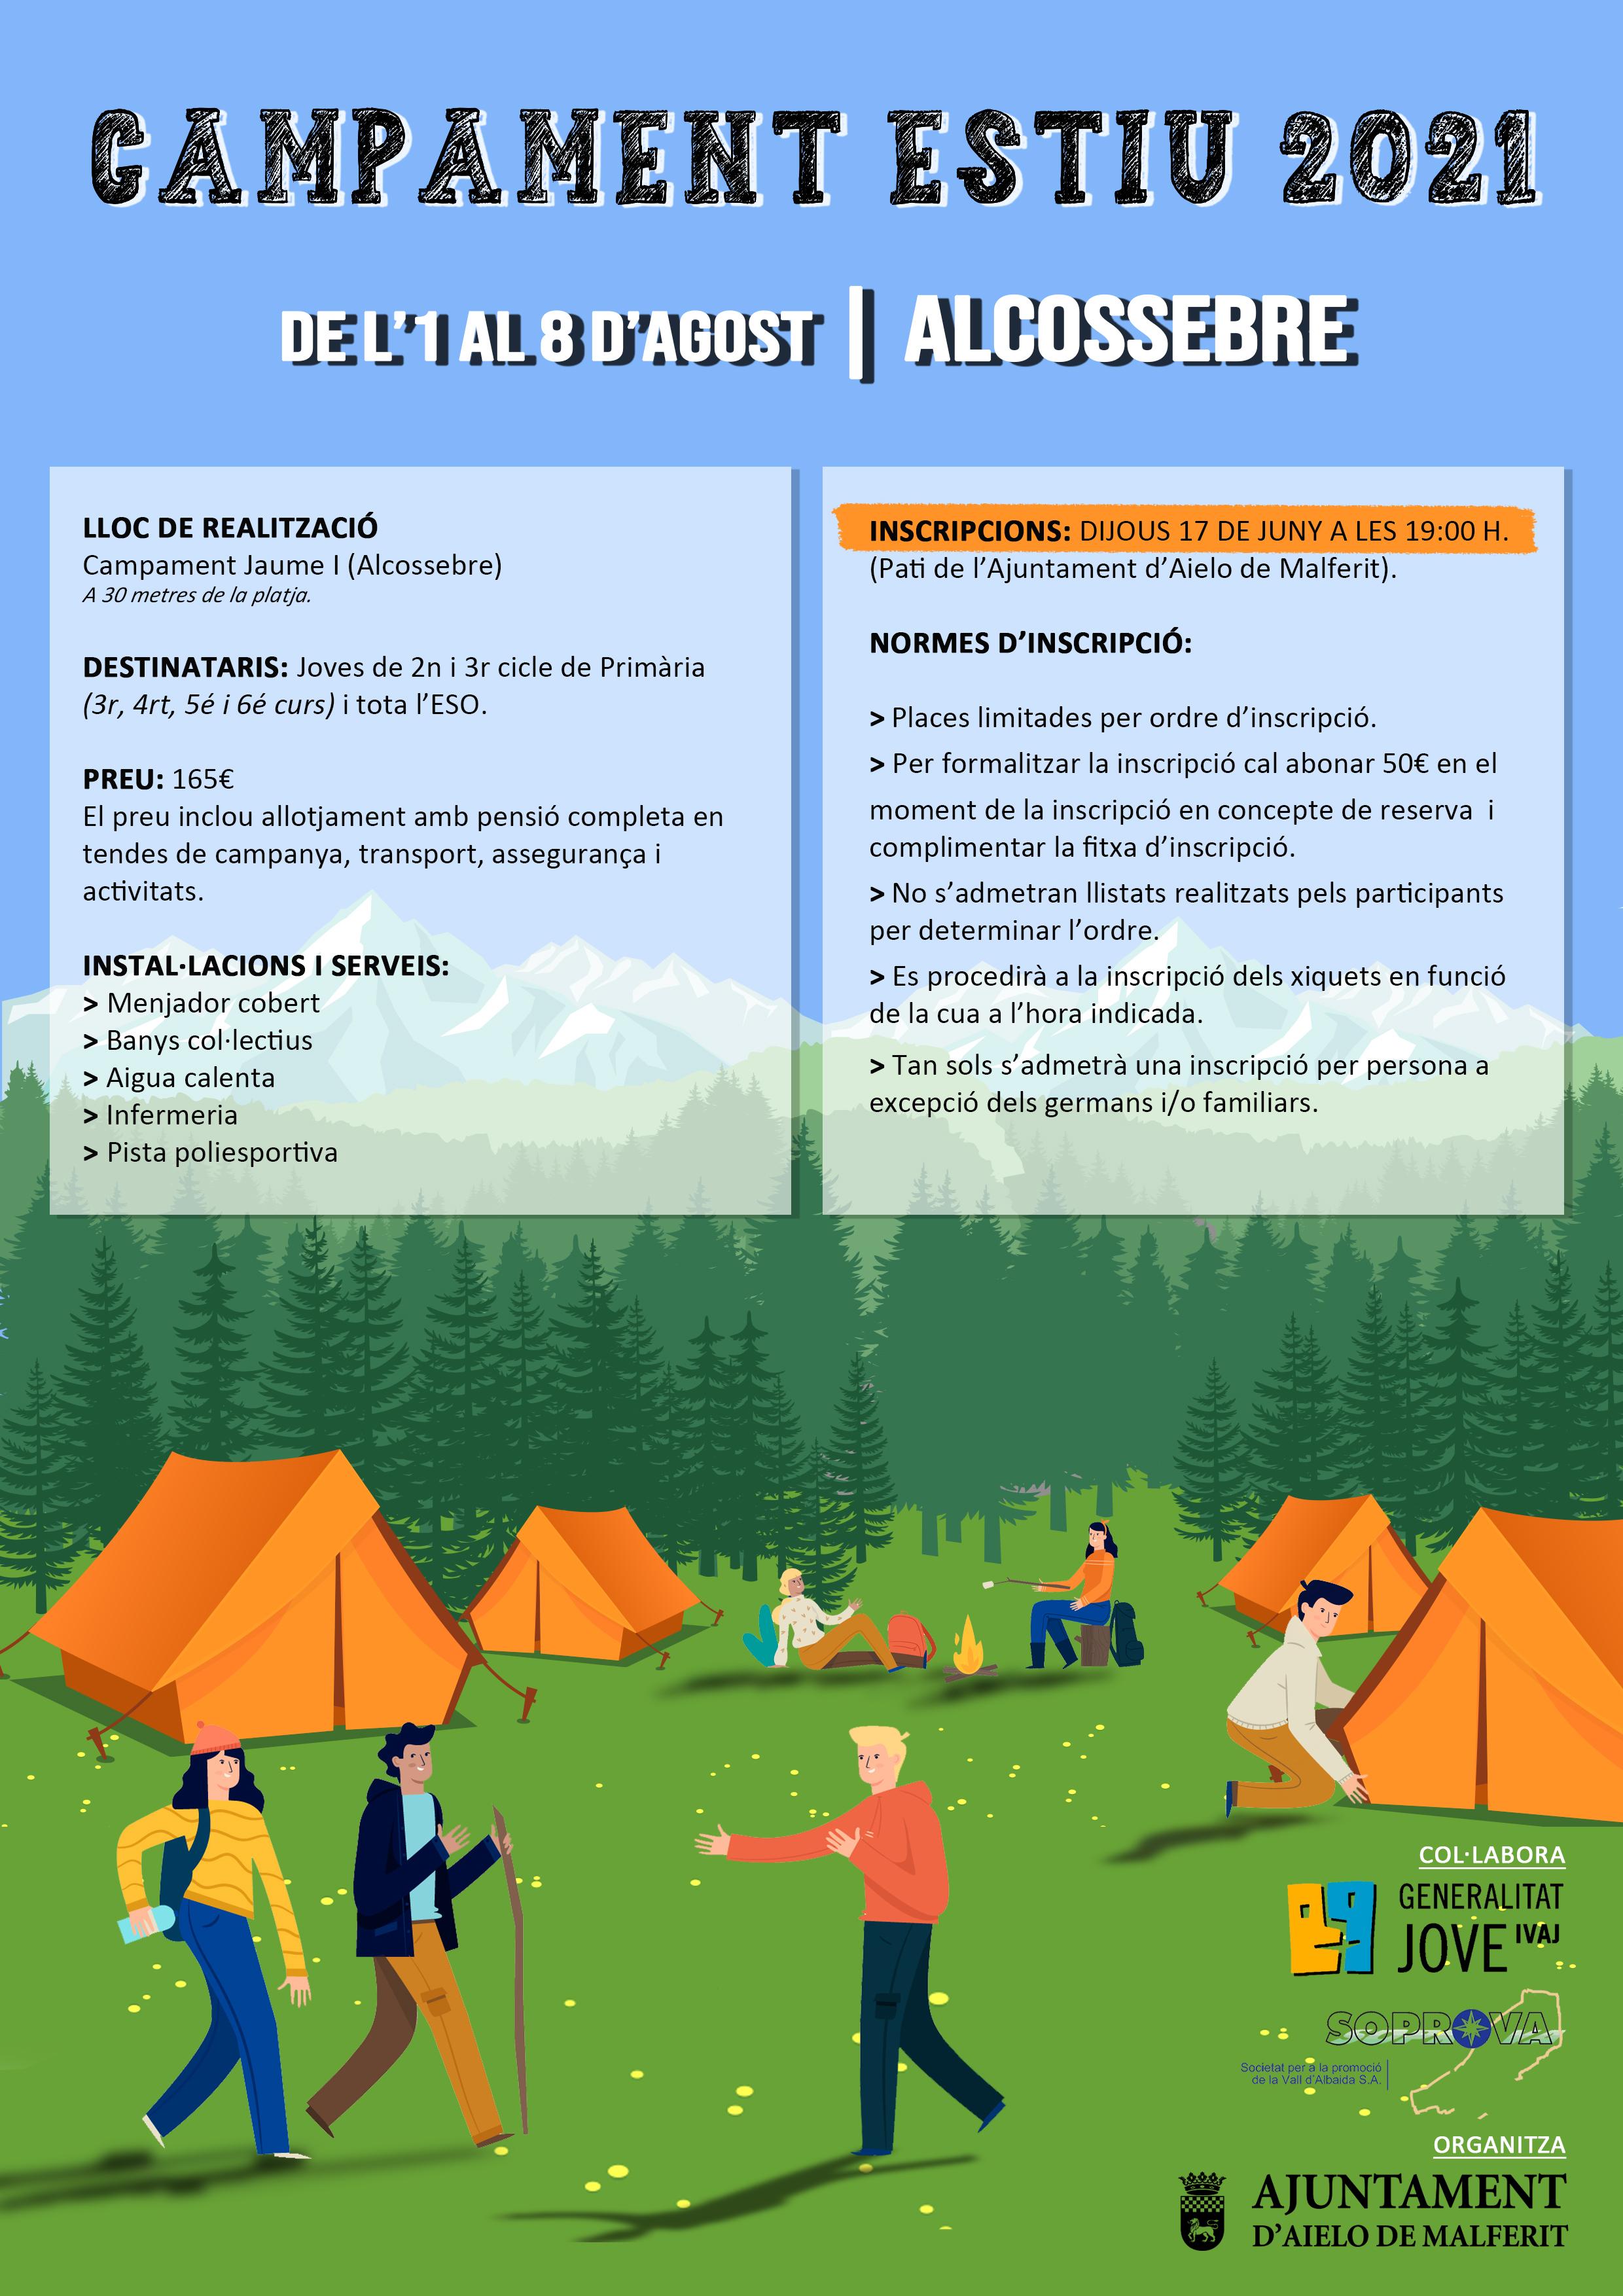 De l 1 al 8 d agost en Alcossebre